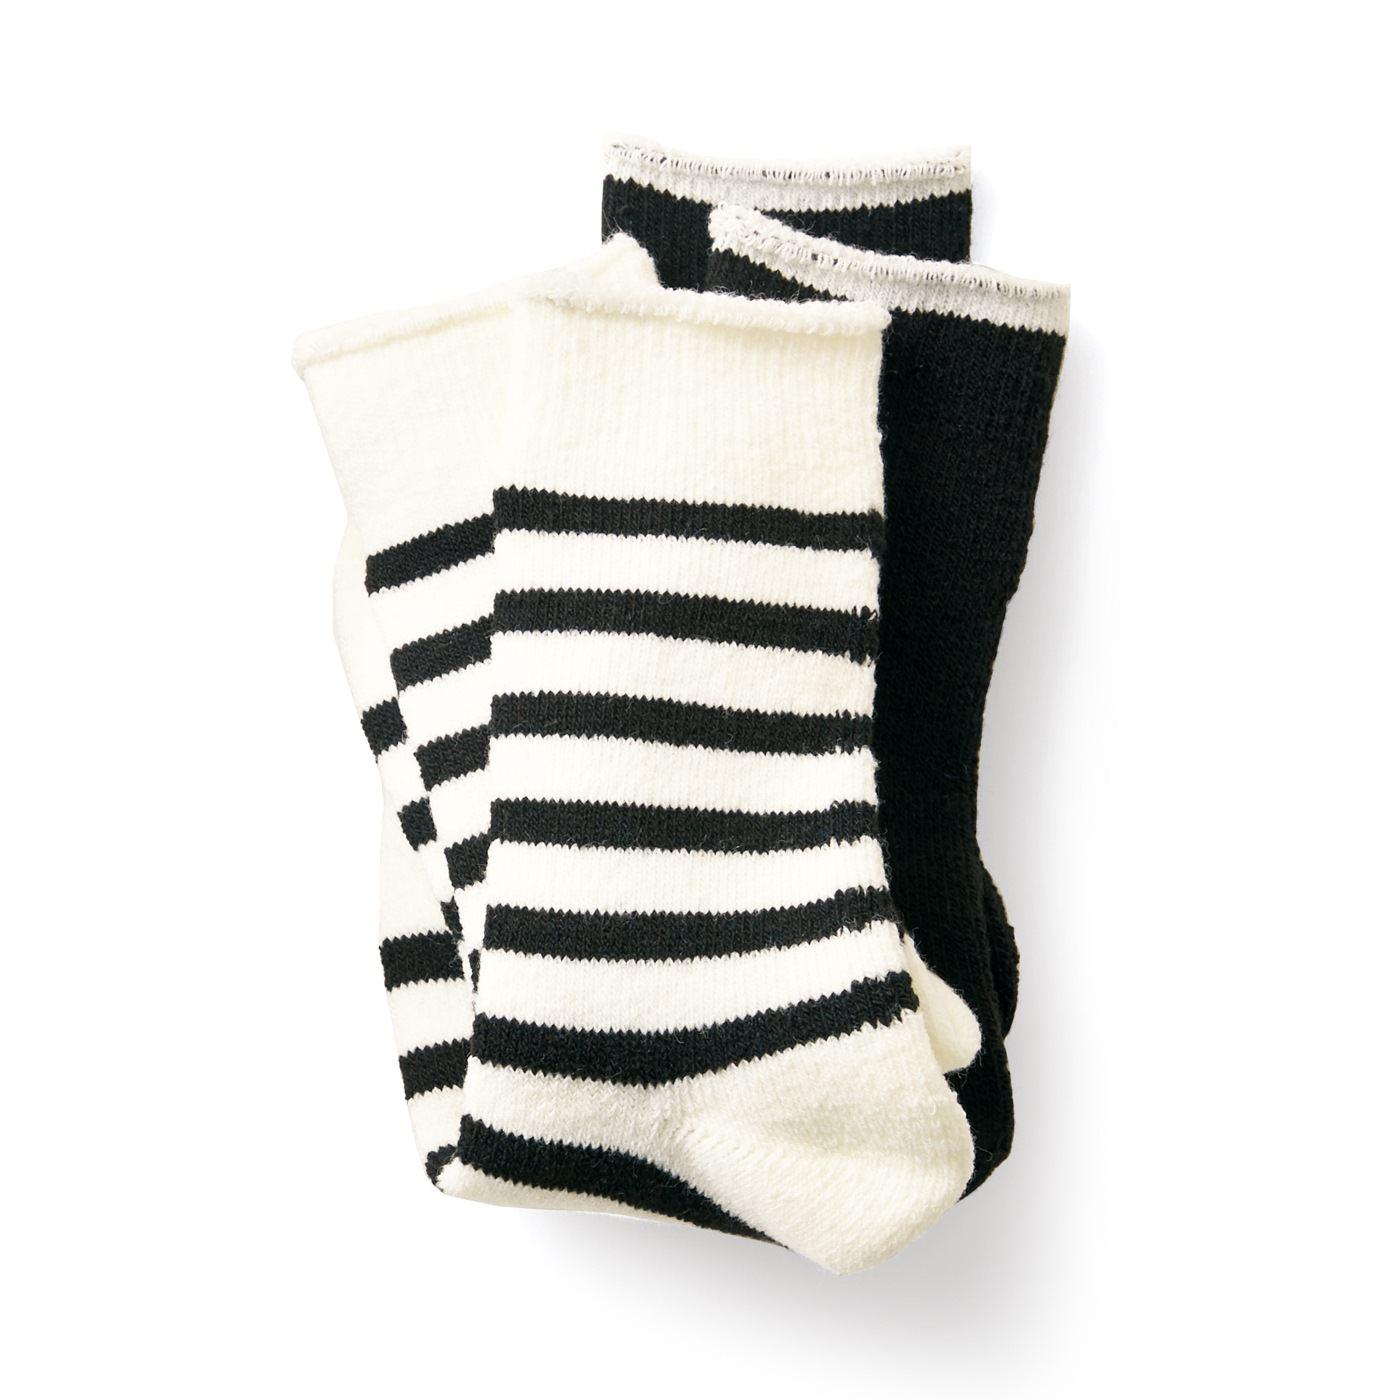 サニークラウズ ボーダーと無地のパイル靴下セット〈黒〉